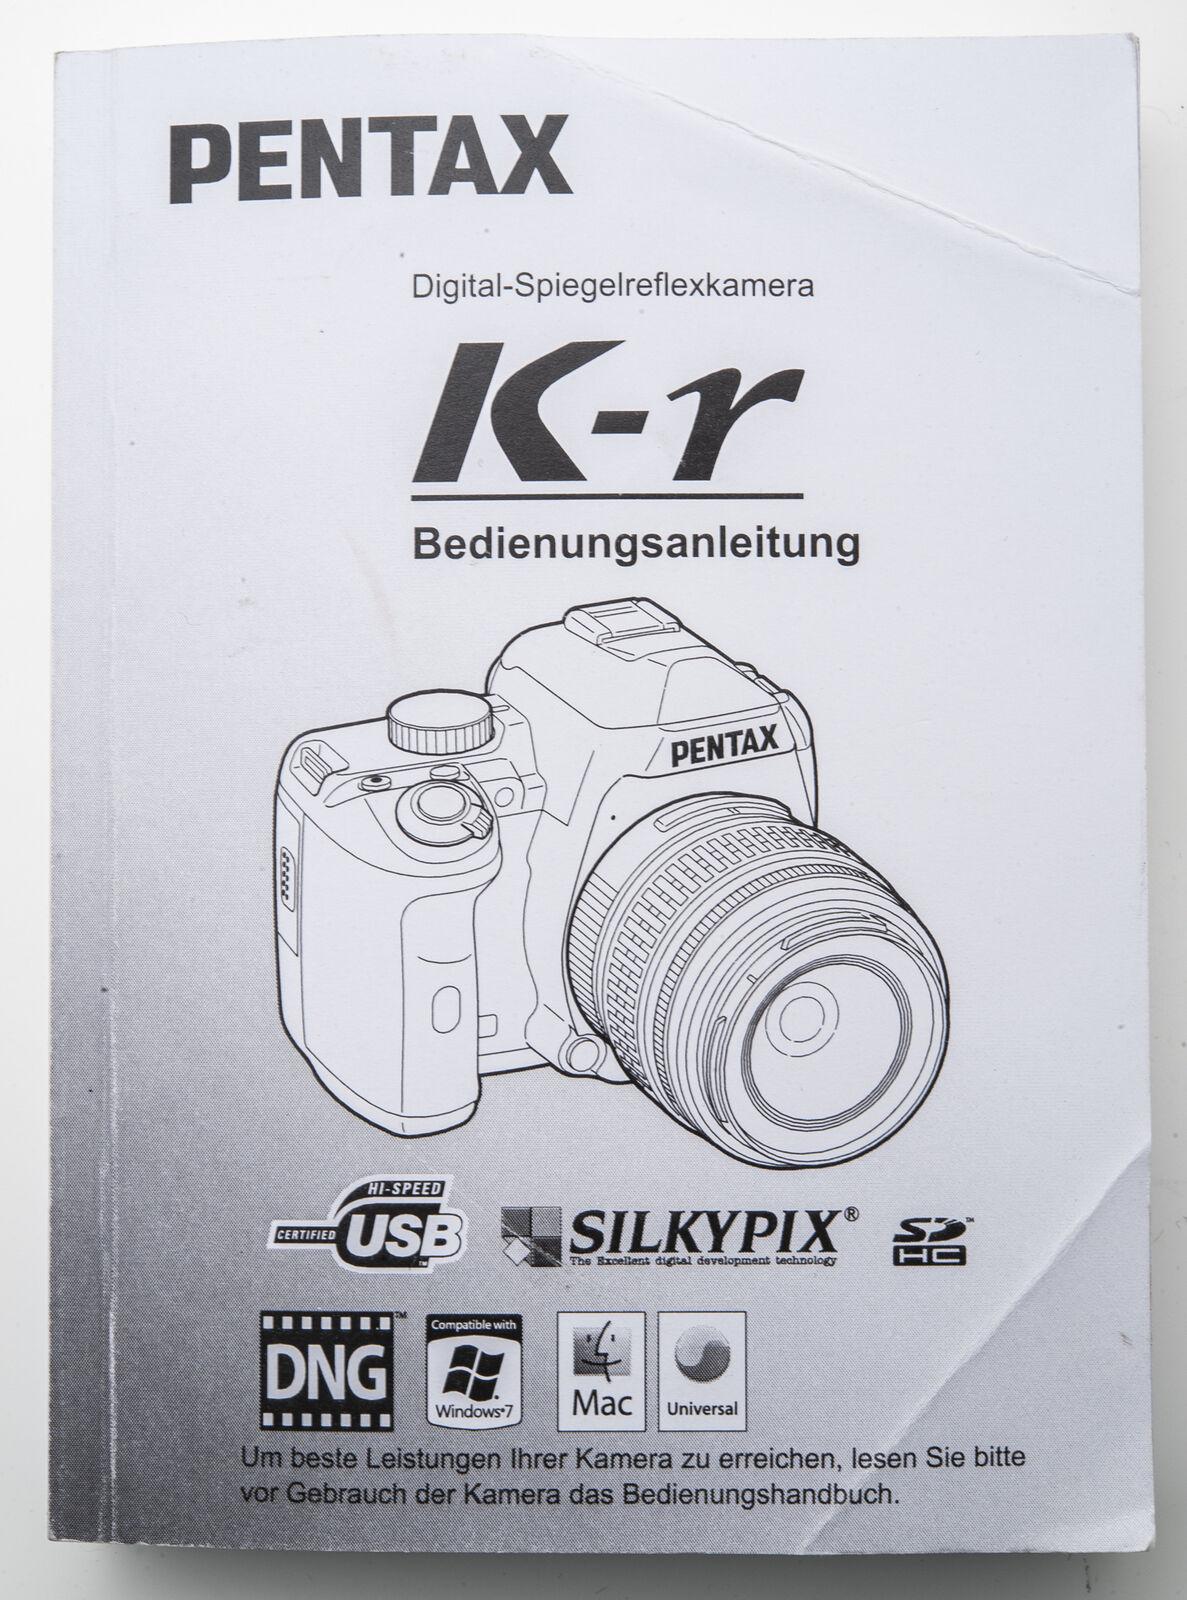 Bedienungsanleitung Pentax Gebrauchsanleitung K-R Digital Spiegelreflexkamera KR